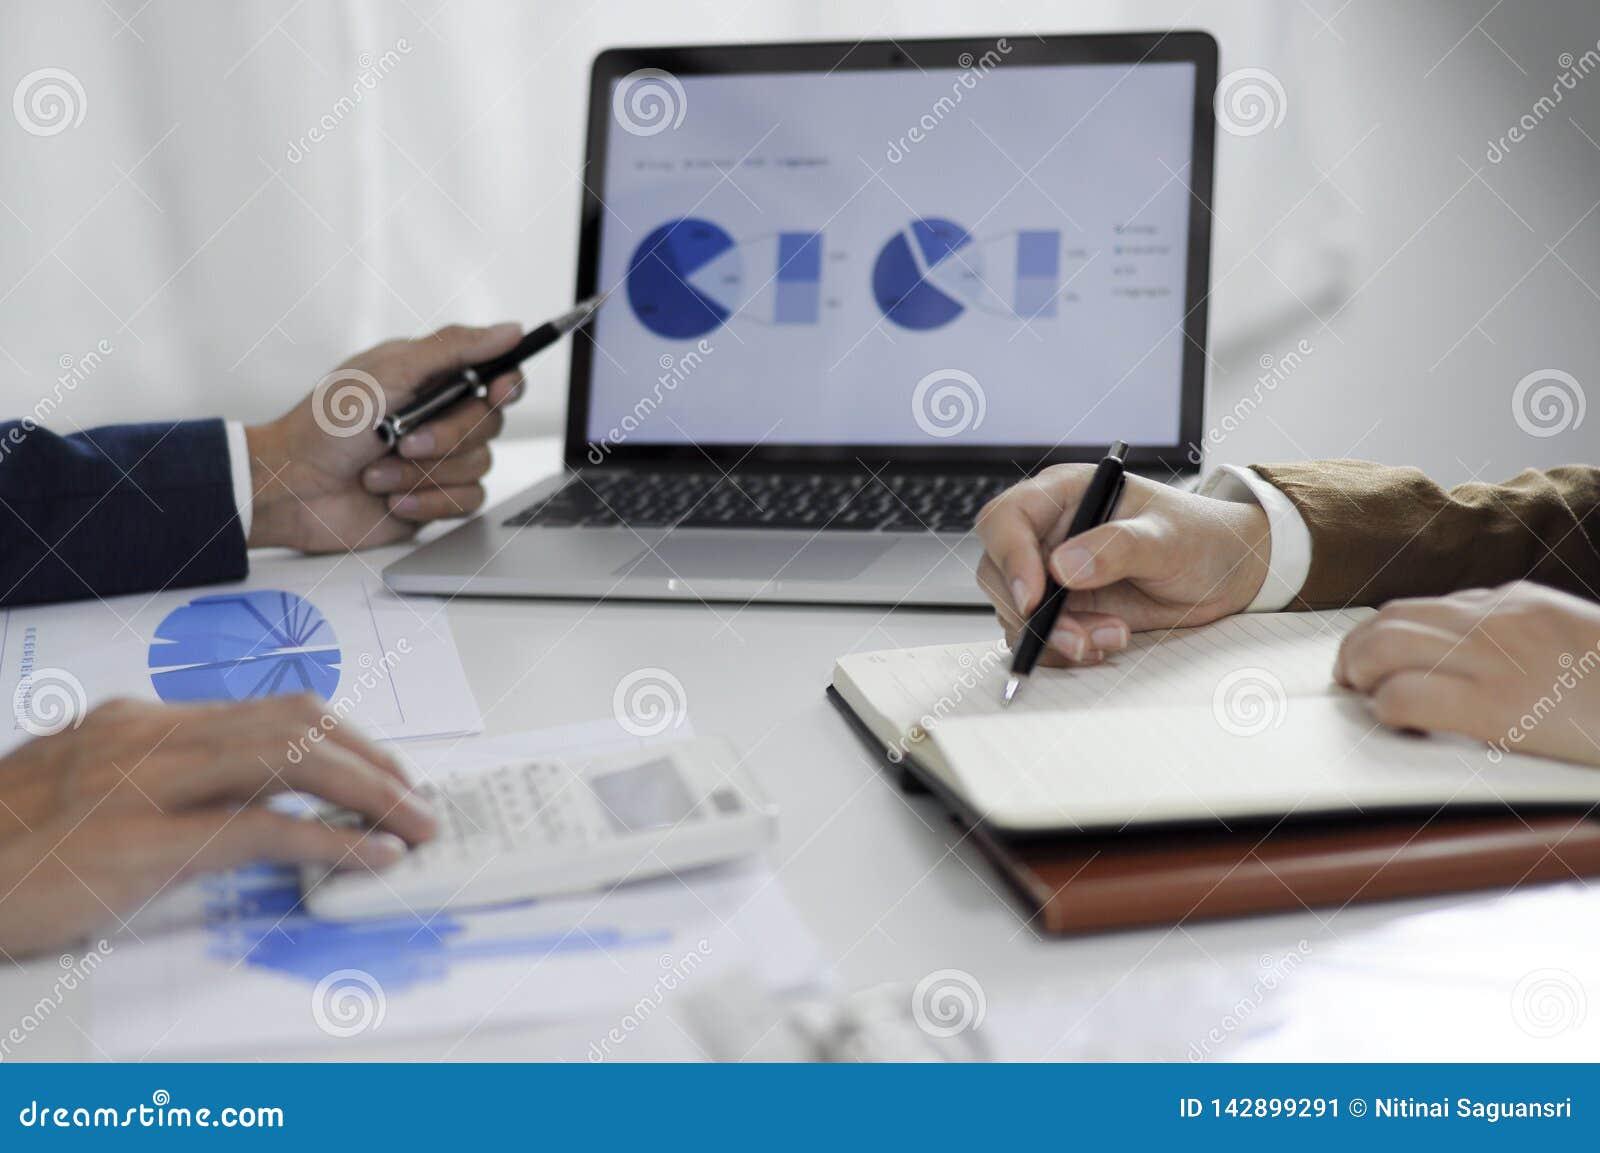 Консультации по бизнесу, работа, совет, проводя аудит